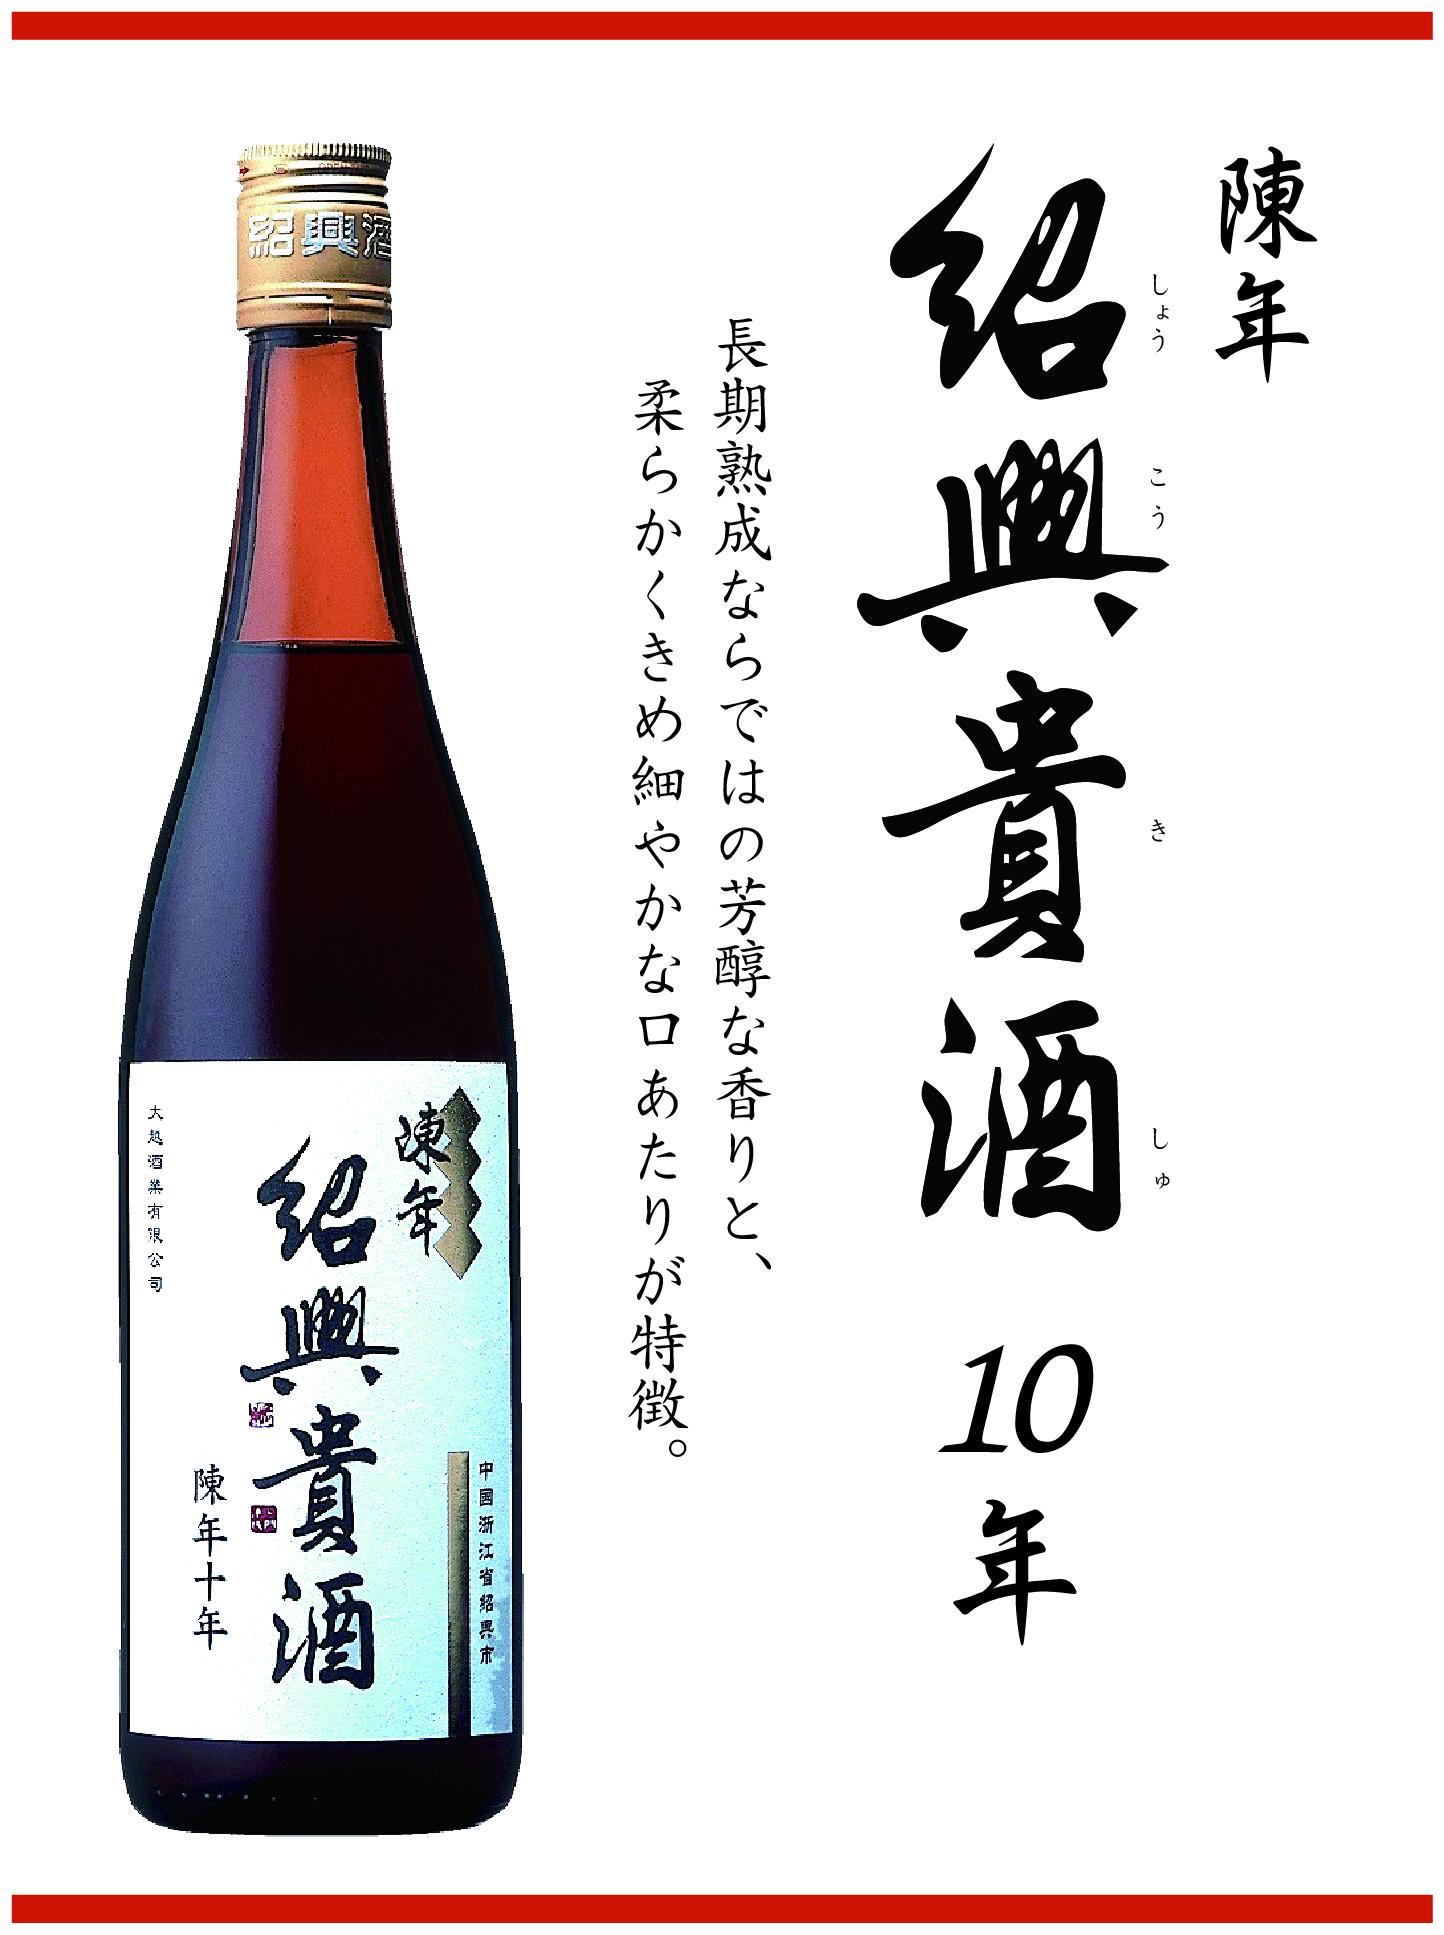 陳年紹興貴酒10年